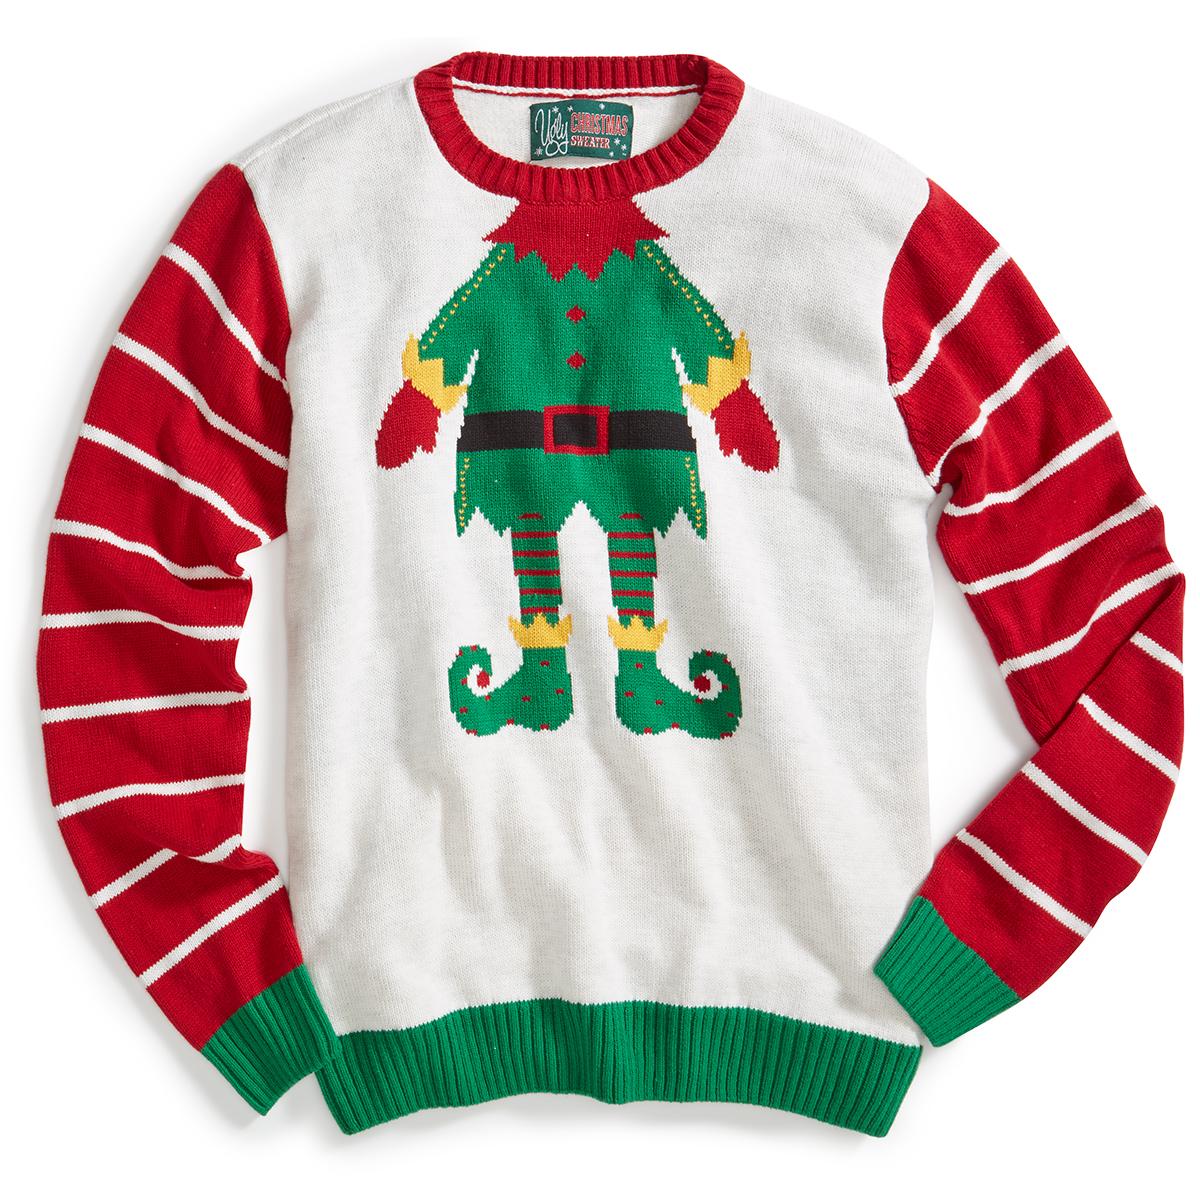 US Navy elf sweater